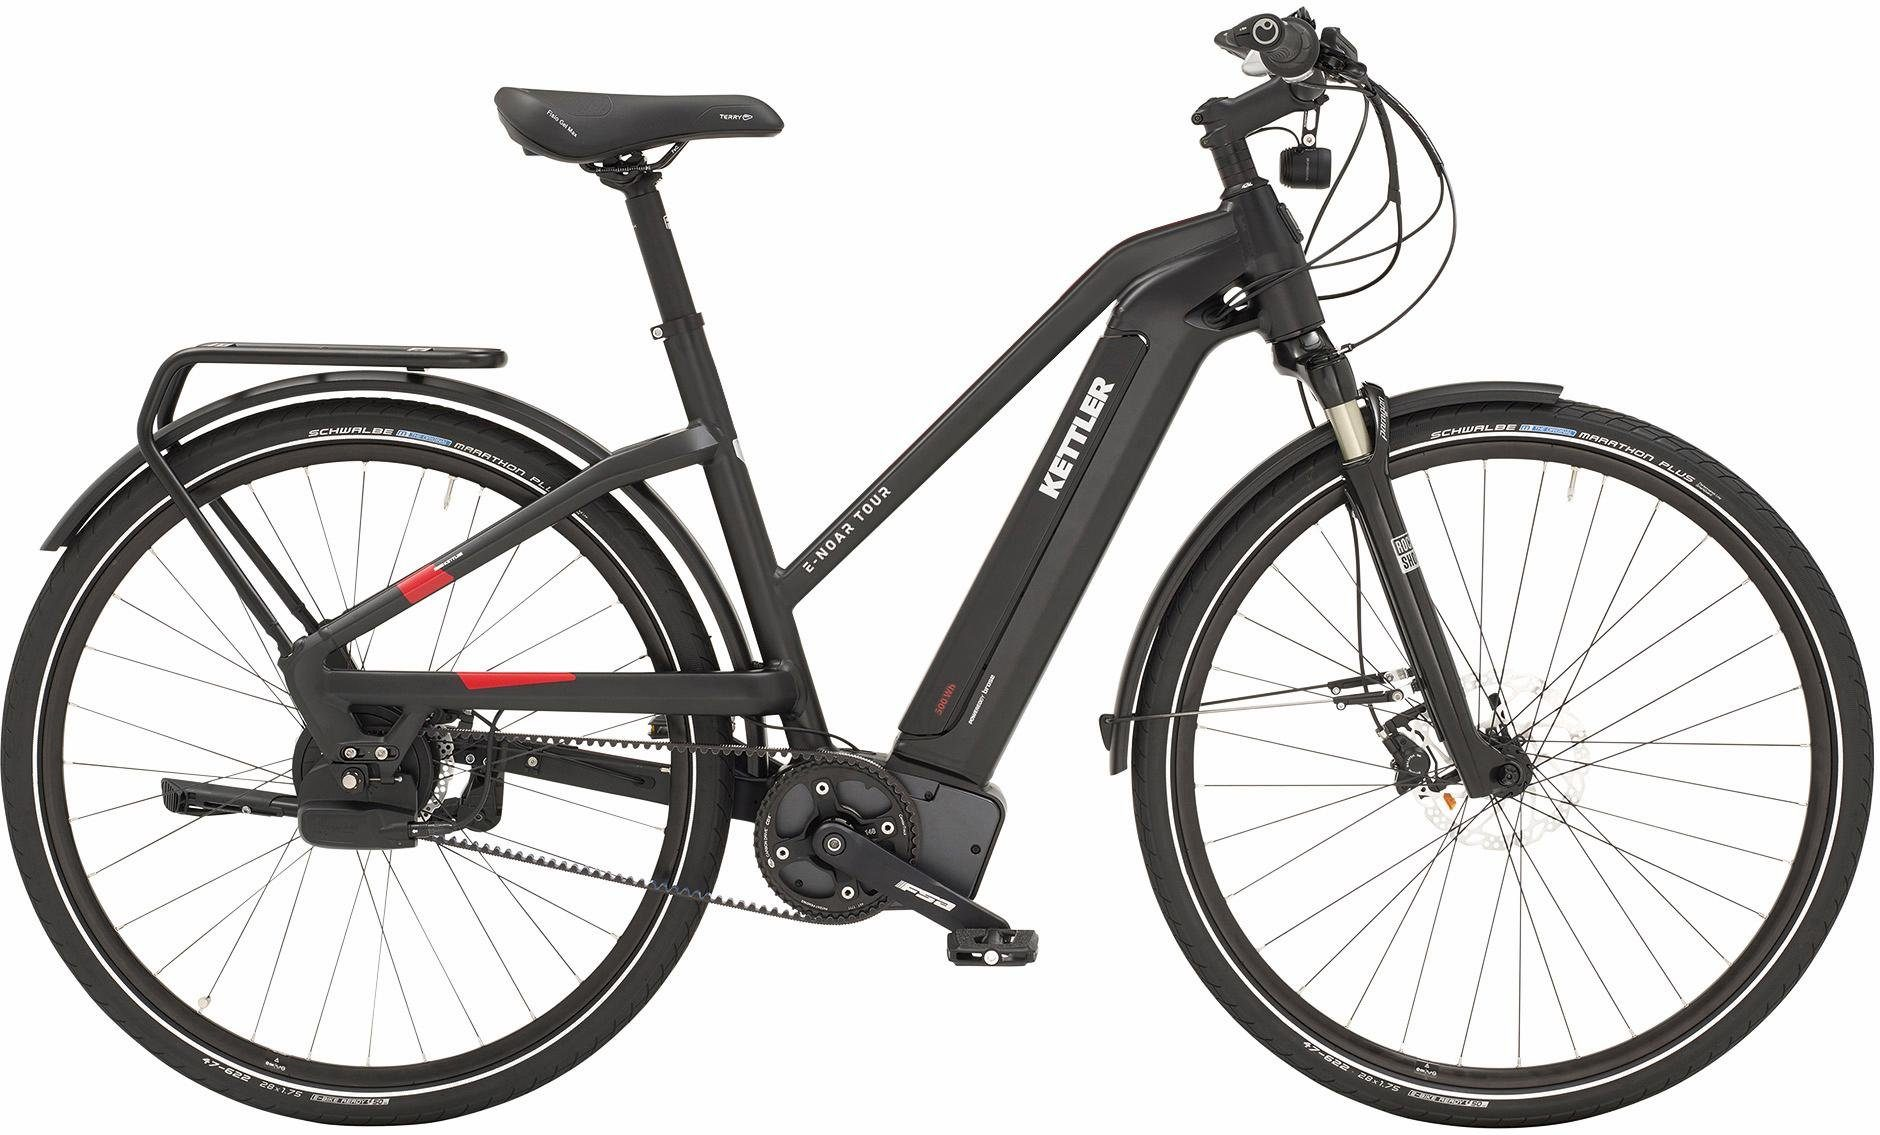 Kettler E-Bike »E - Noar Tour«, Nuvinci N 380 Schaltwerk, Kettenschaltung, Mittelmotor 250 W, NuVinci N 380